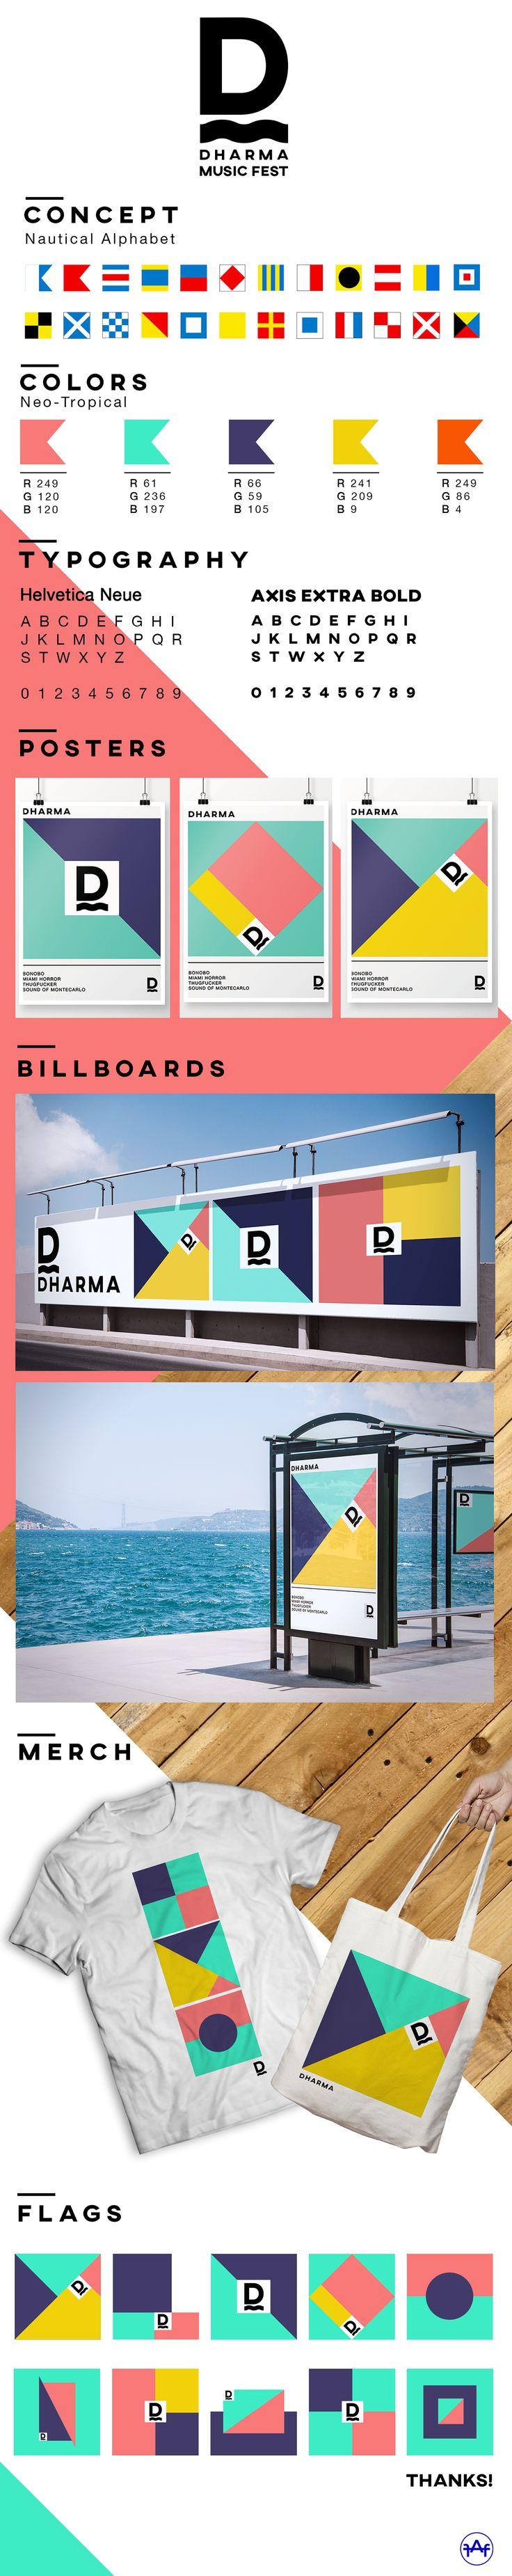 DHARMA ART & MUSIC FESTIVAL on Behance                              …